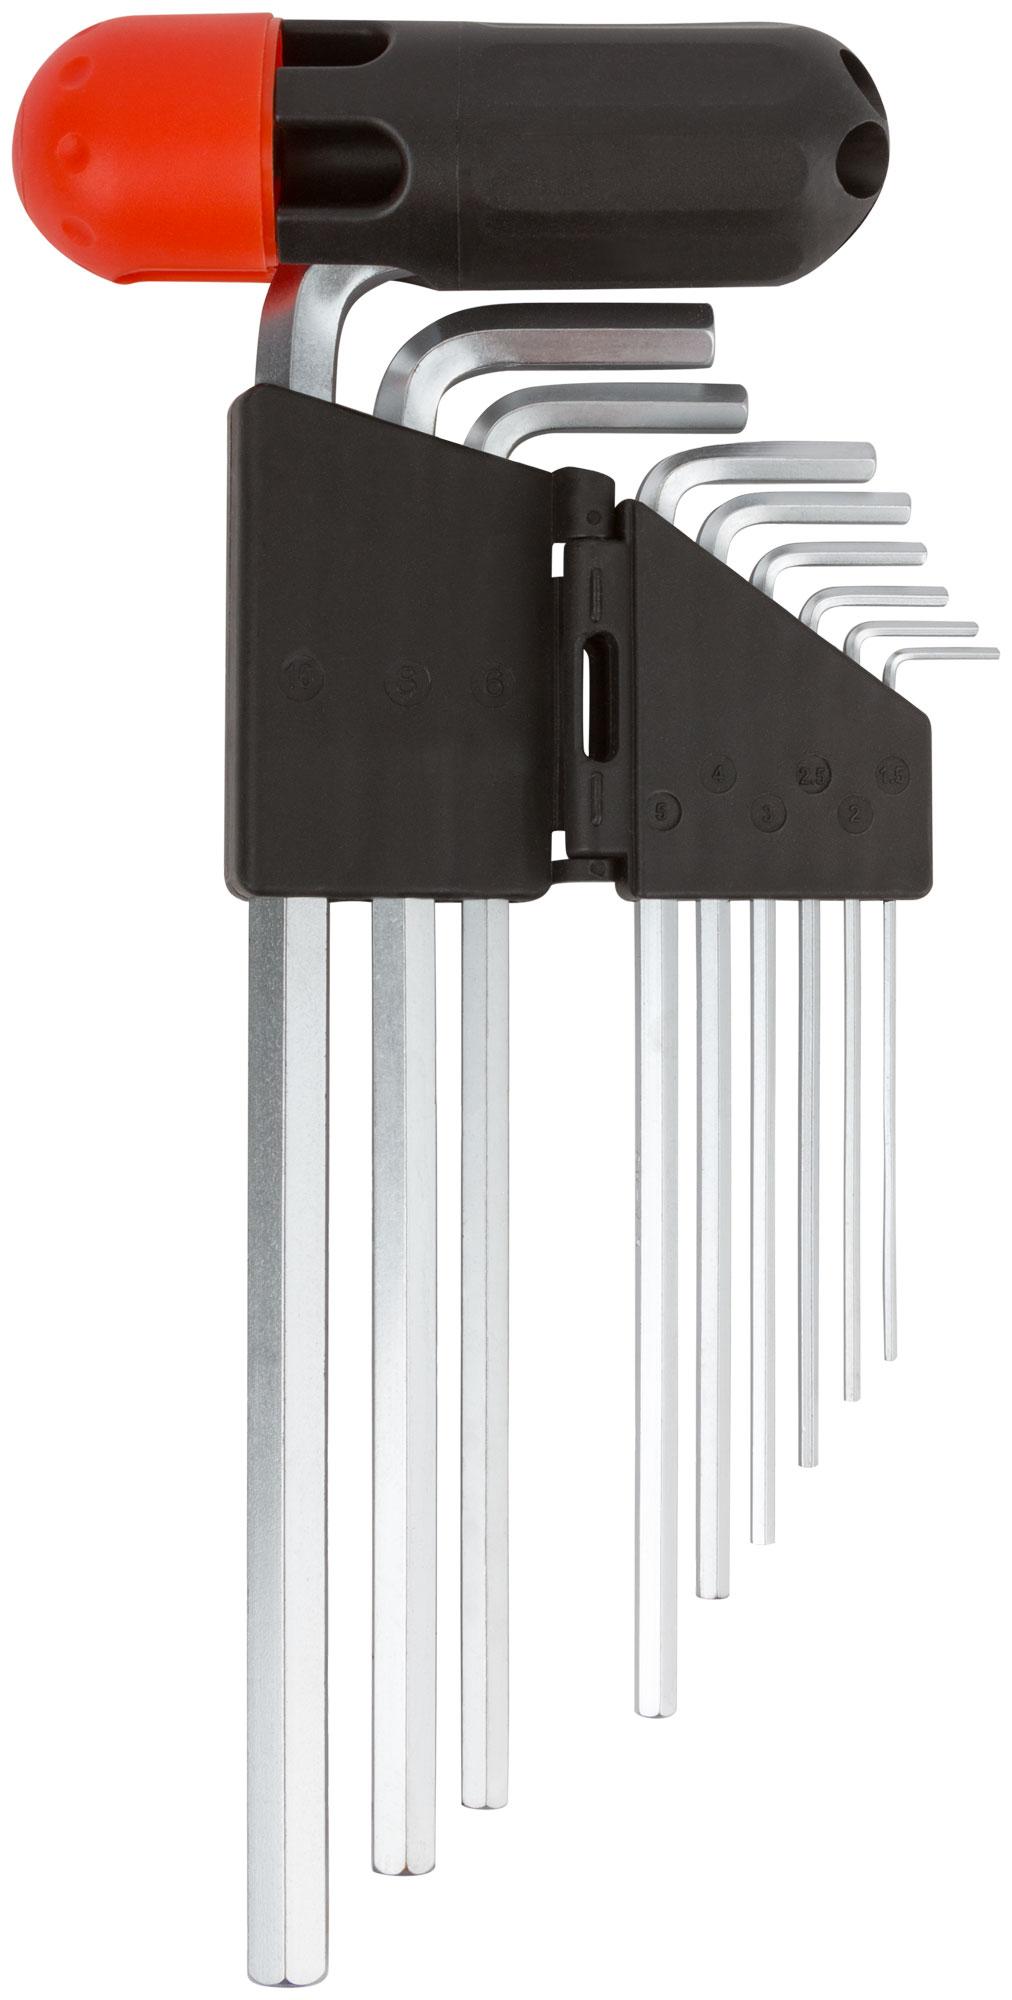 Ключи шестигранные длинные 1,5-10 мм, 9 шт. FIT 64197 фото